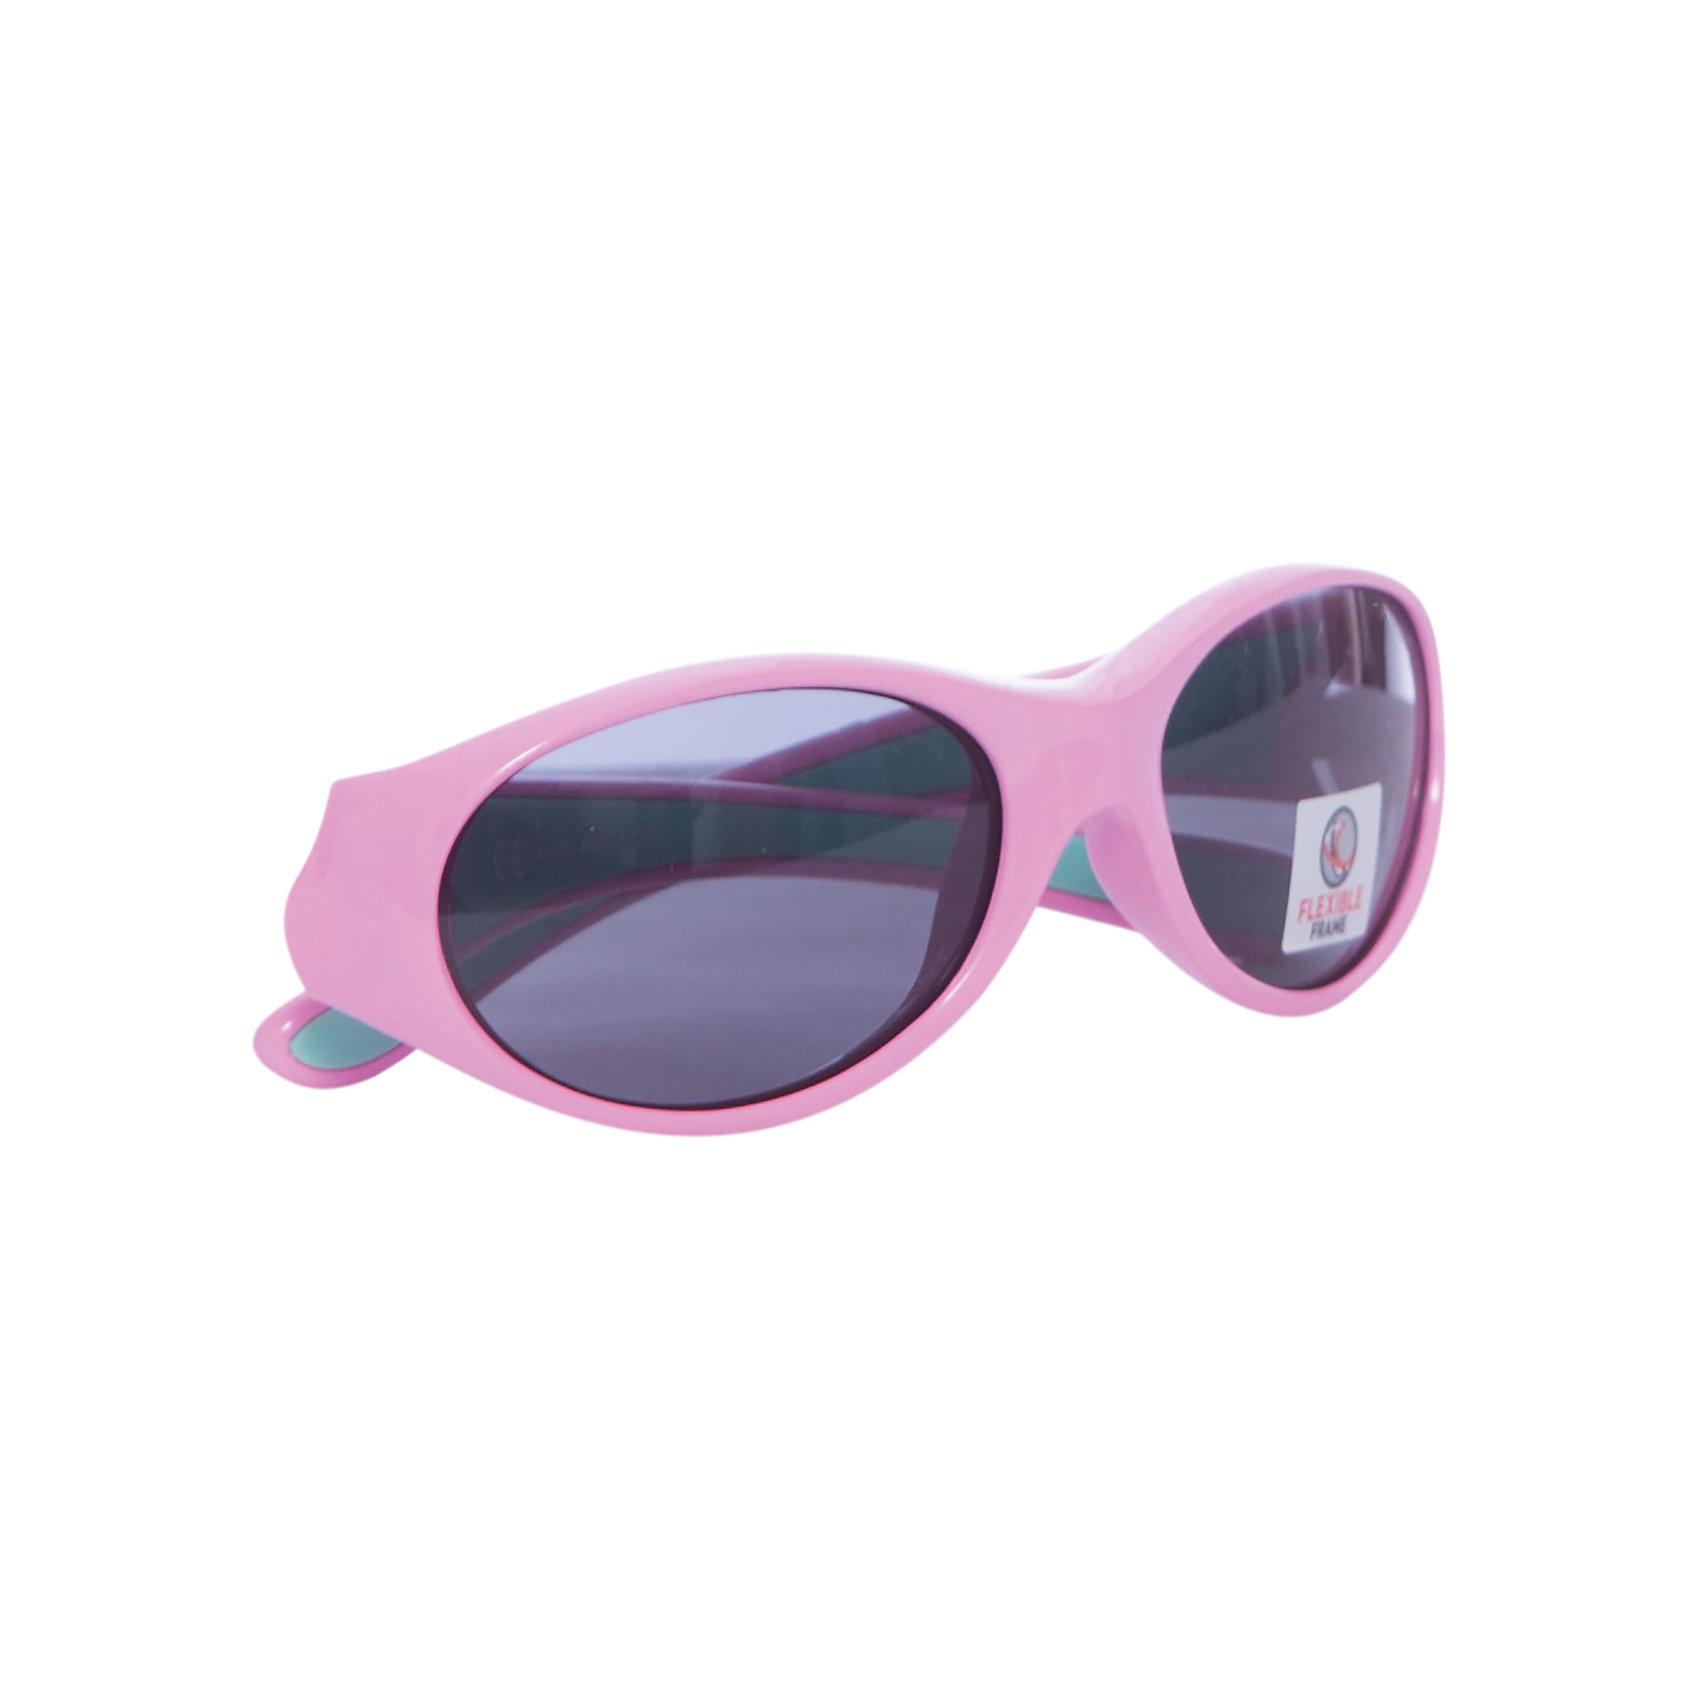 Очки солнцезащитные FLEXXY GIRL, розово-салатовые, ALPINAСолнцезащитные очки<br><br><br>Ширина мм: 182<br>Глубина мм: 66<br>Высота мм: 45<br>Вес г: 41<br>Цвет: розовый<br>Возраст от месяцев: 36<br>Возраст до месяцев: 84<br>Пол: Женский<br>Возраст: Детский<br>SKU: 3826843